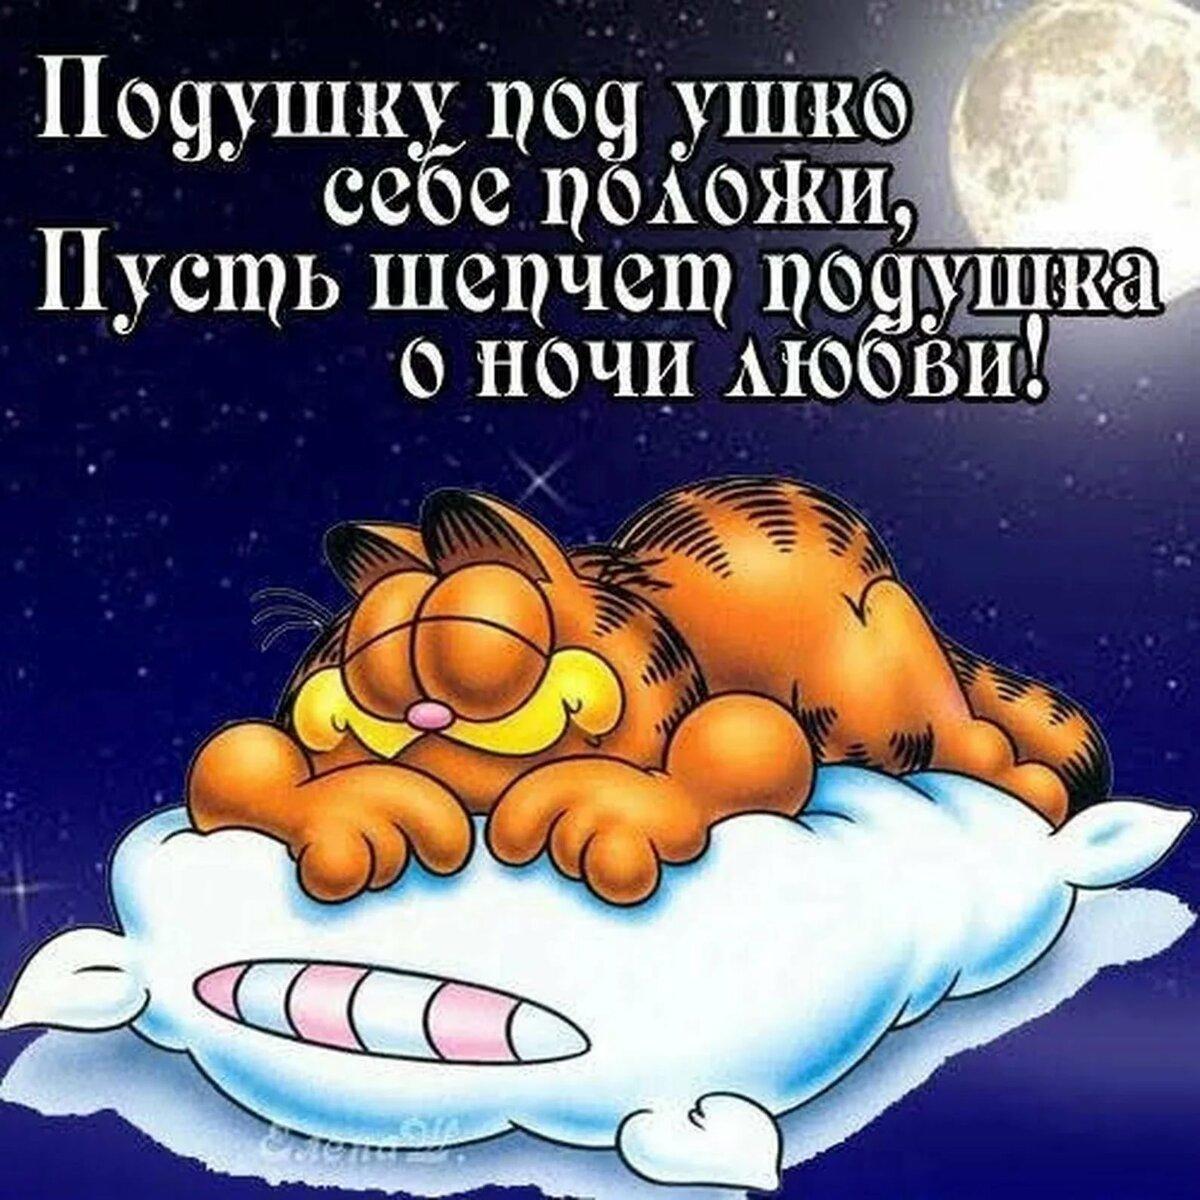 Мужчине пожелать спокойной ночи картинка